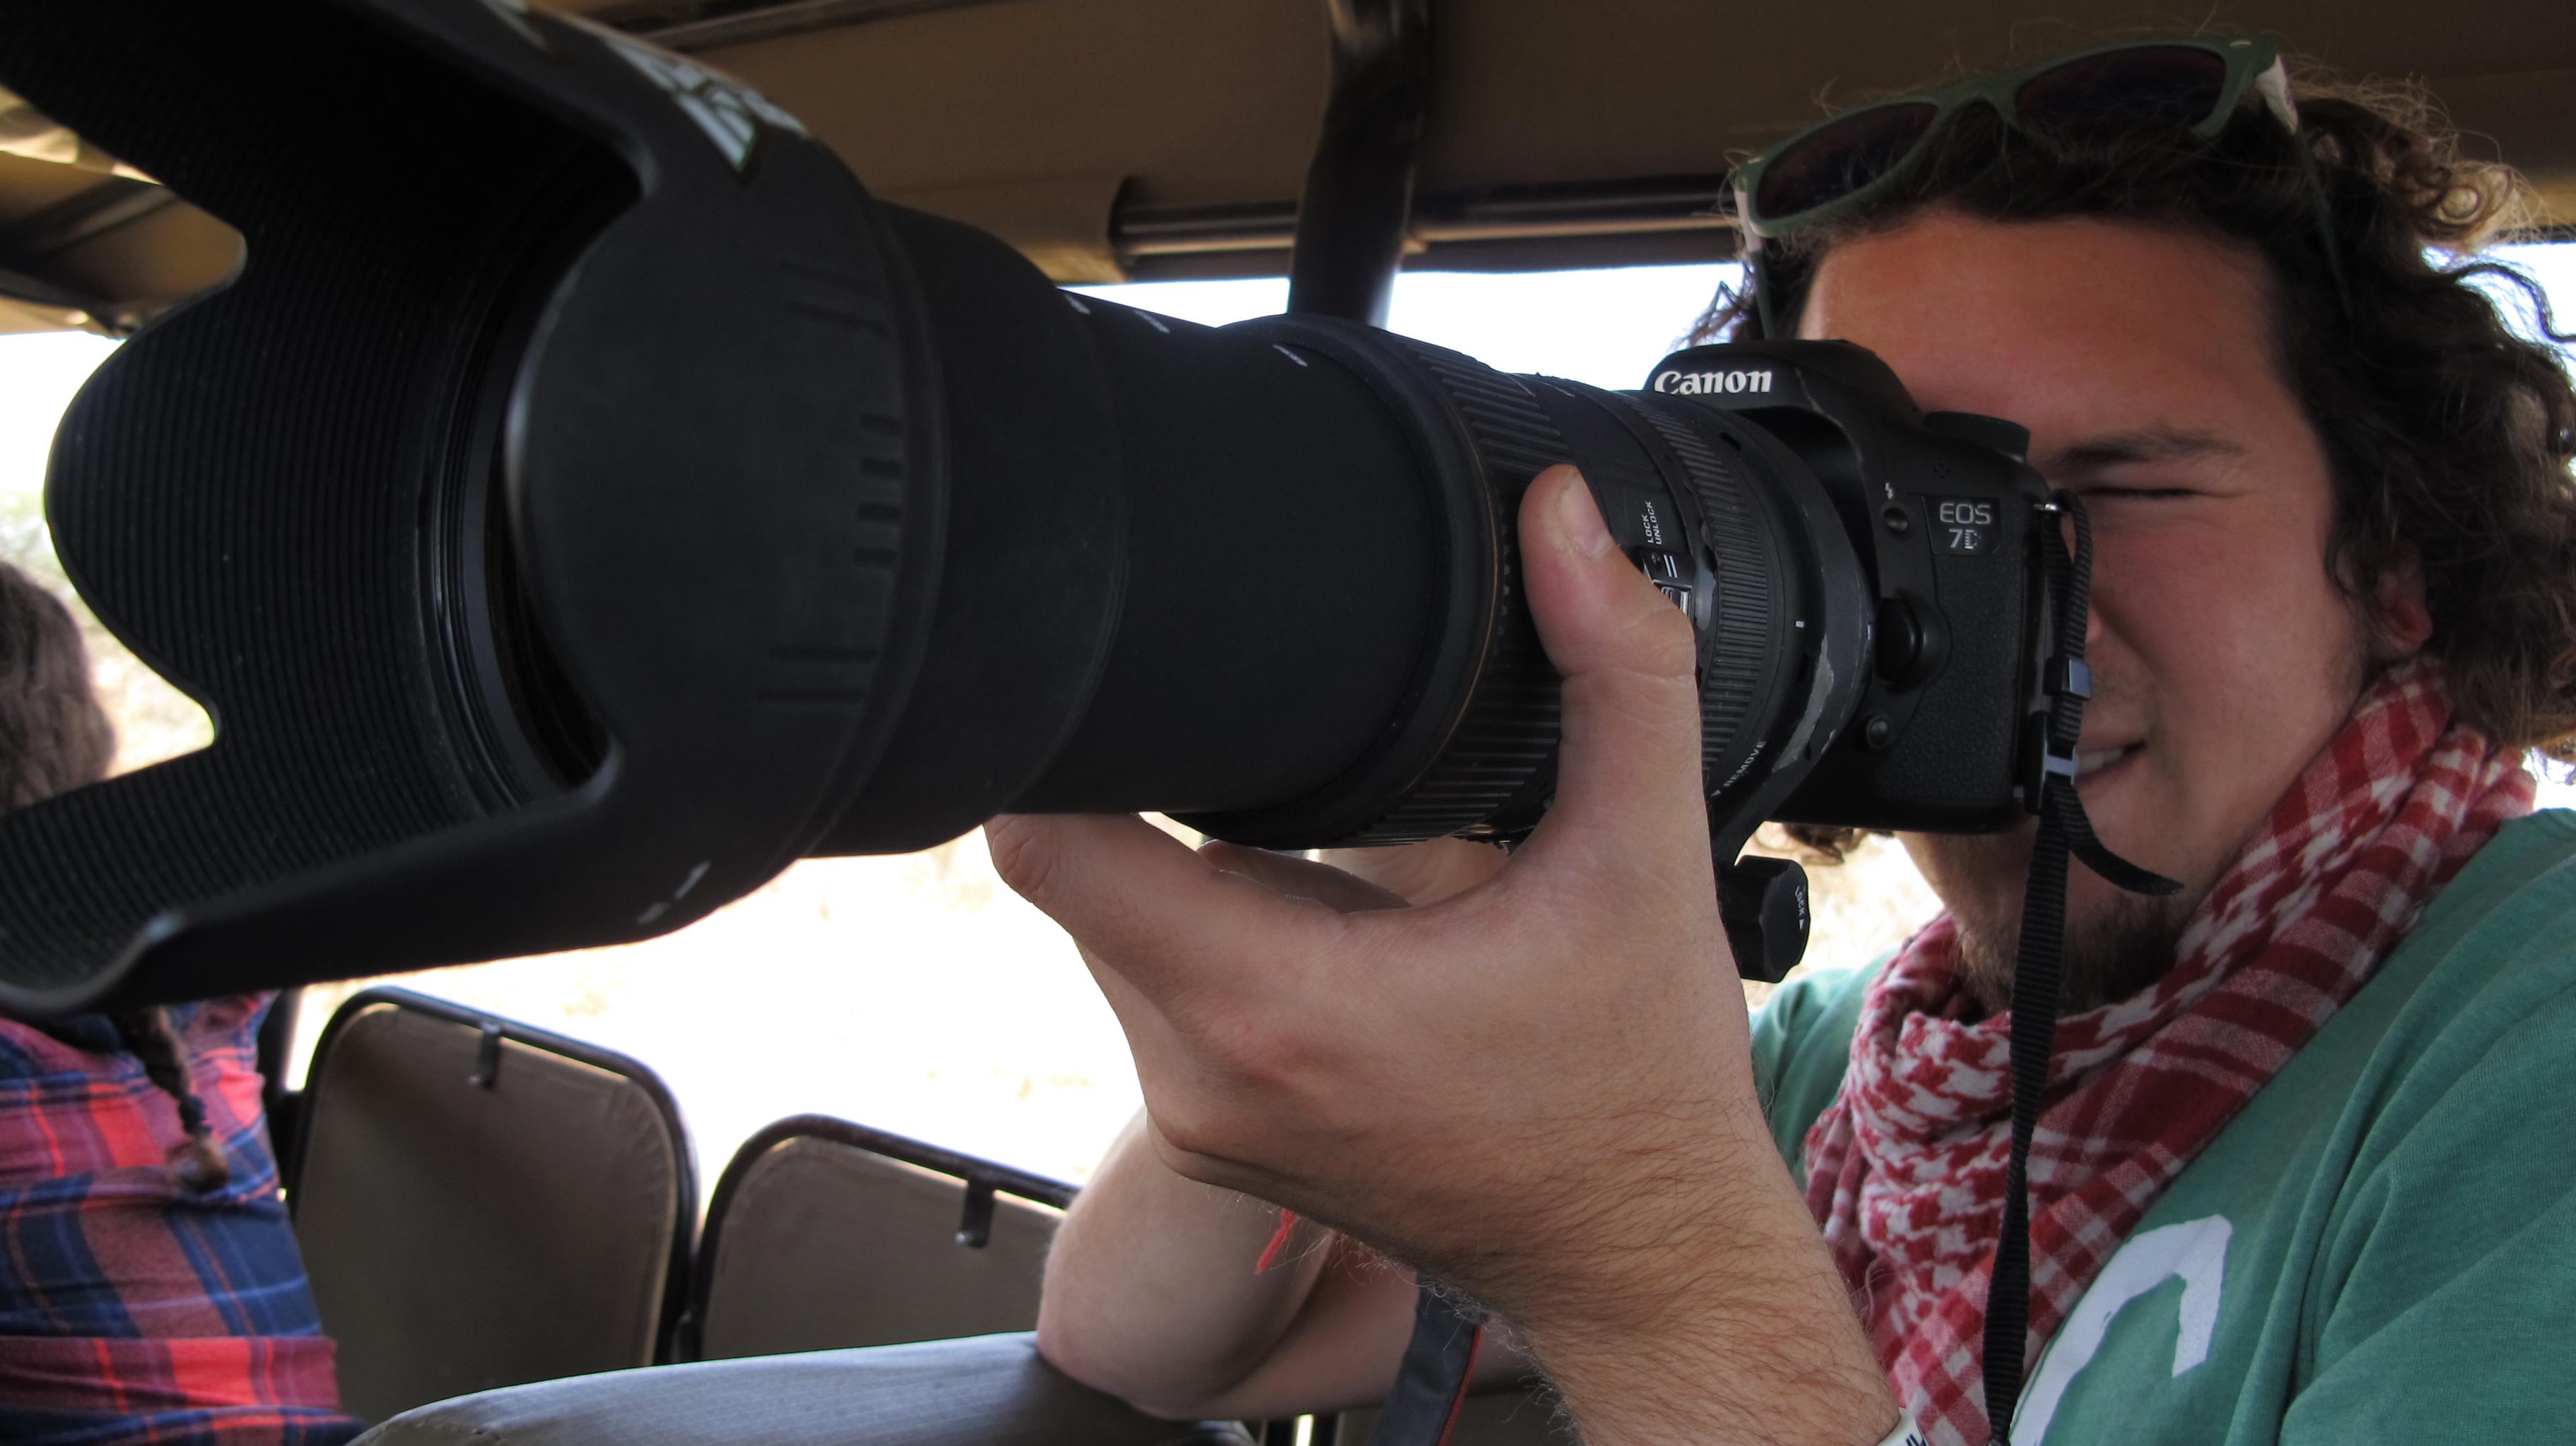 chris stevens travel blogger backpacker banter photographer